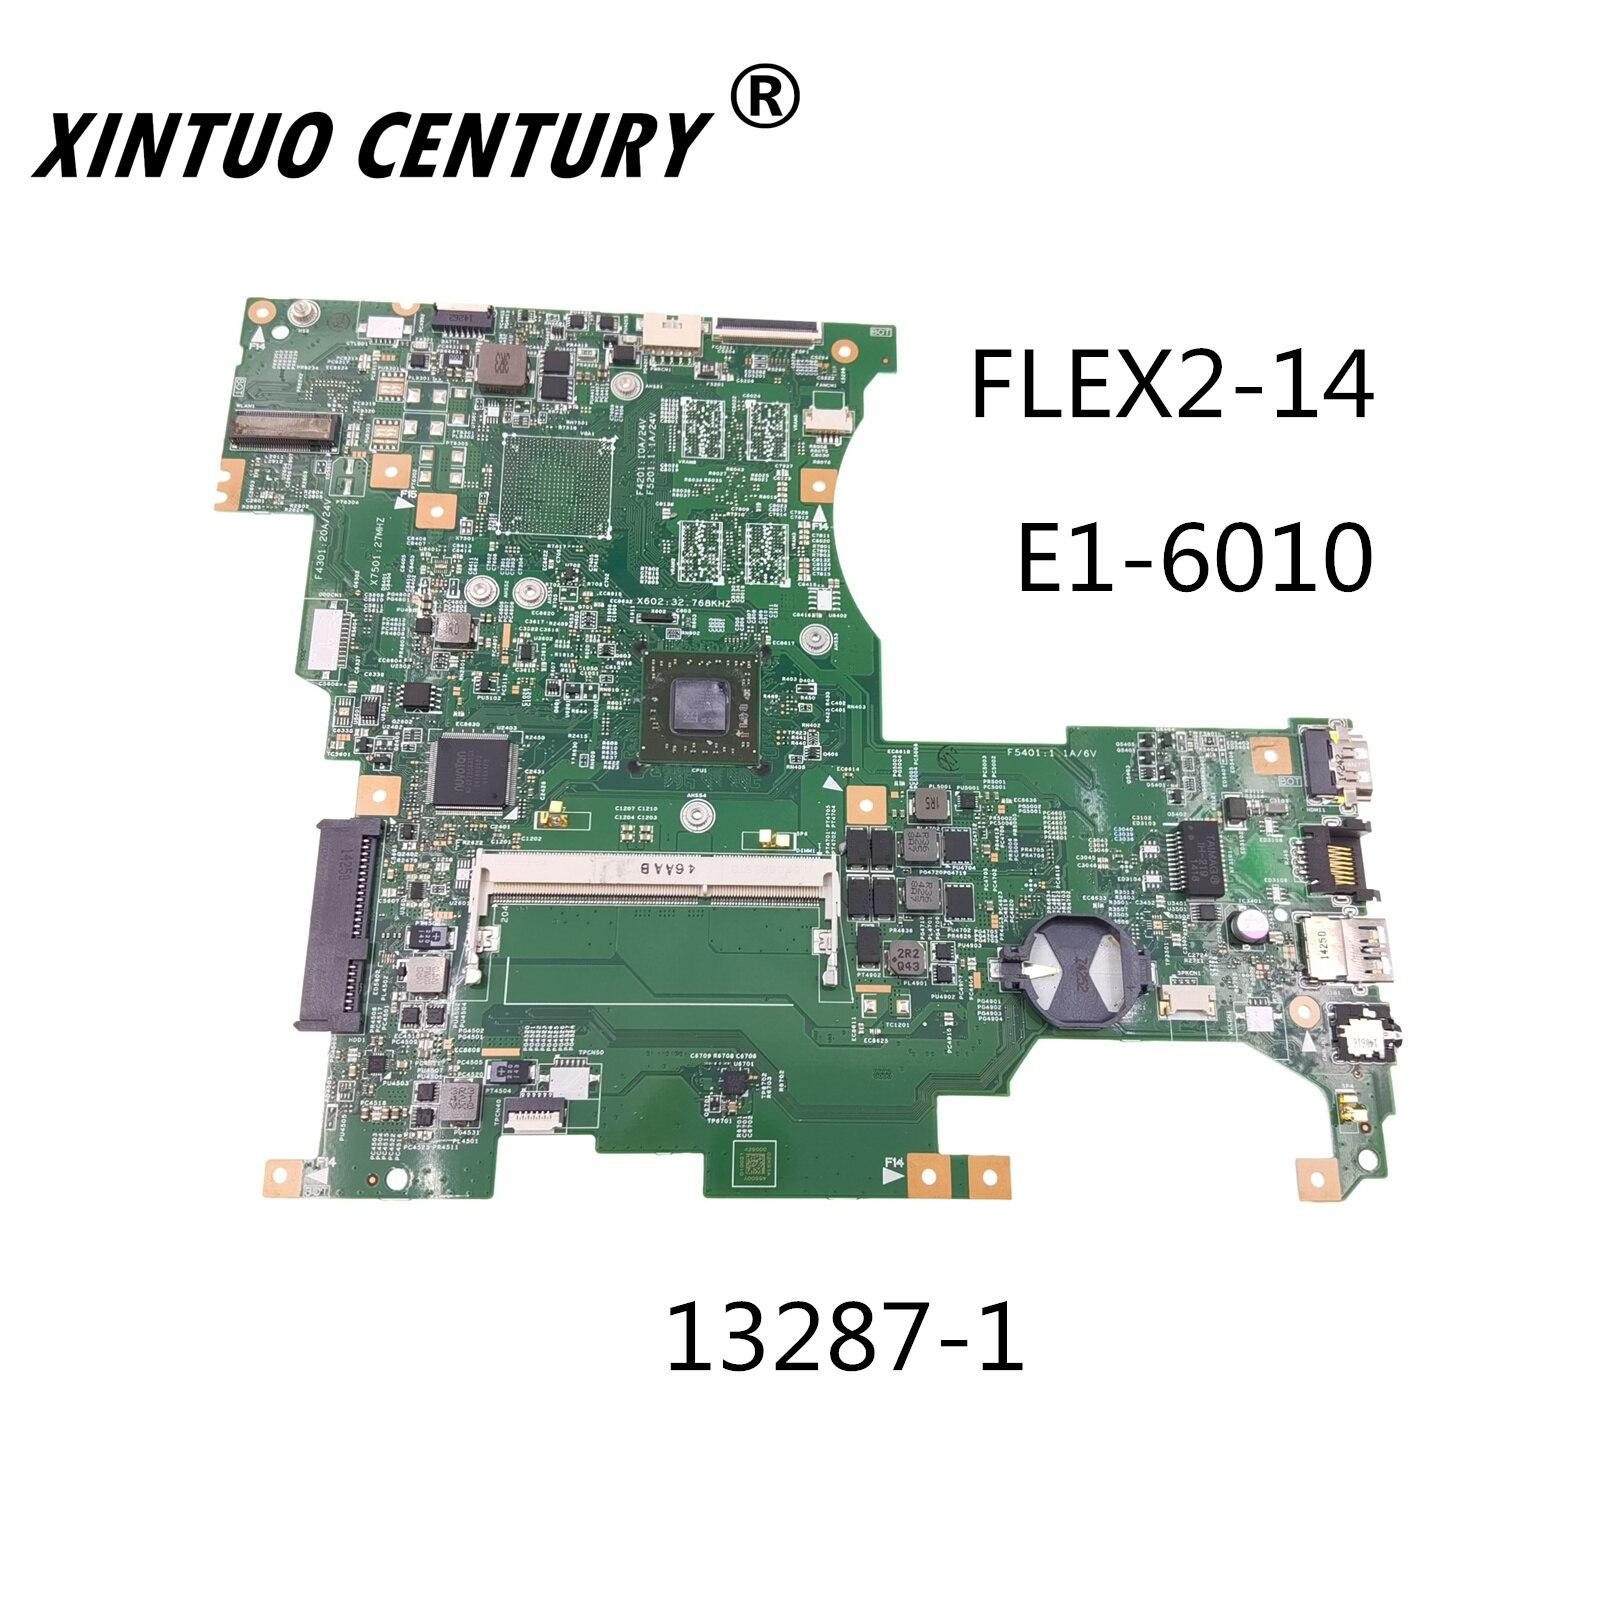 13287-1 لينوفو Flex2-14 كومبوتادور بورتاتيل بلاسا-mdooe 448.00y02. 0011 com EM6010 E1-6010 CPU 100% اختبار